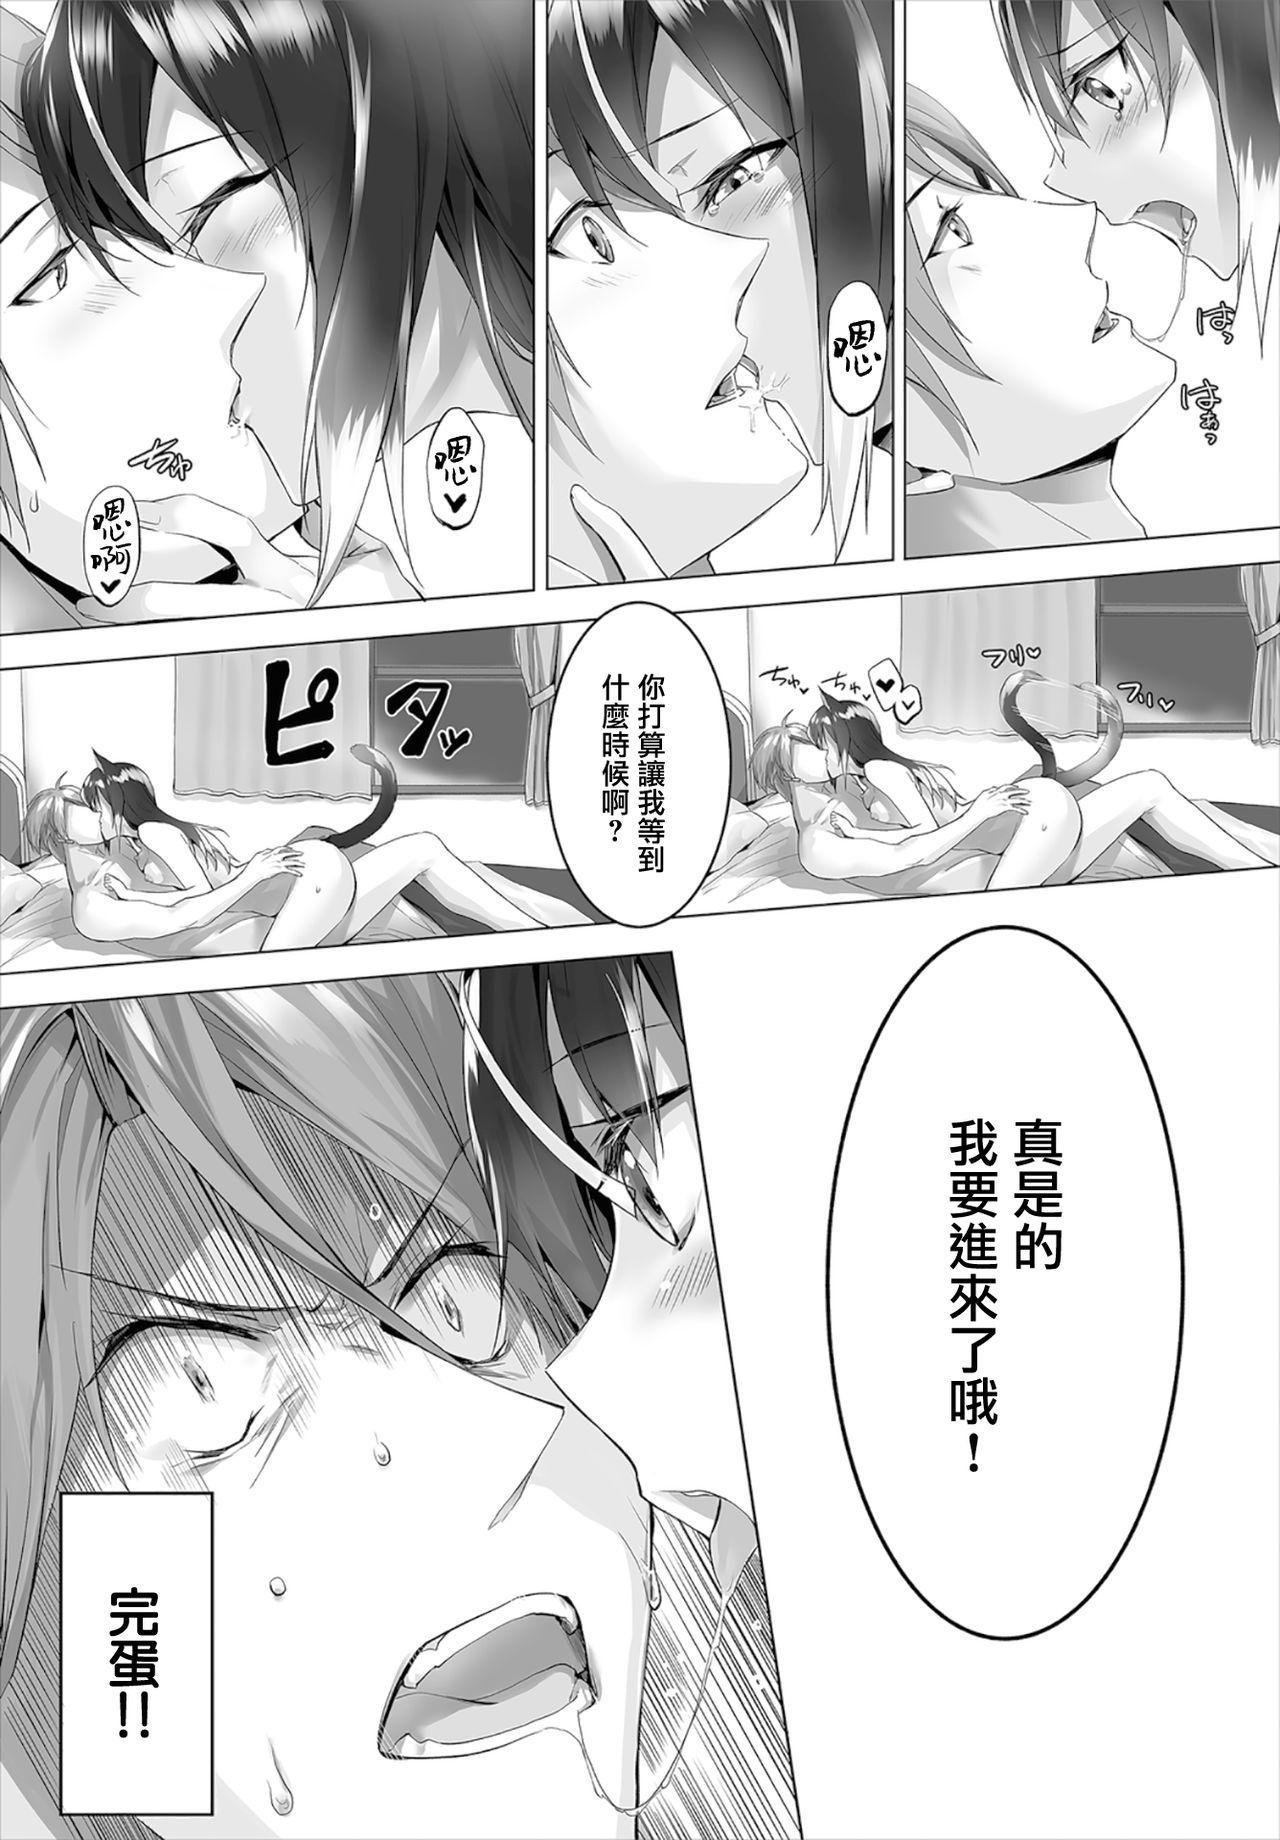 [Kyougoku Touya] Orokamono wa Nekomimi Dorei ni Izon suru ~Hajimete no Choukyou Seikatsu~06 [Chinese] [無邪気漢化組] [Digital] 19